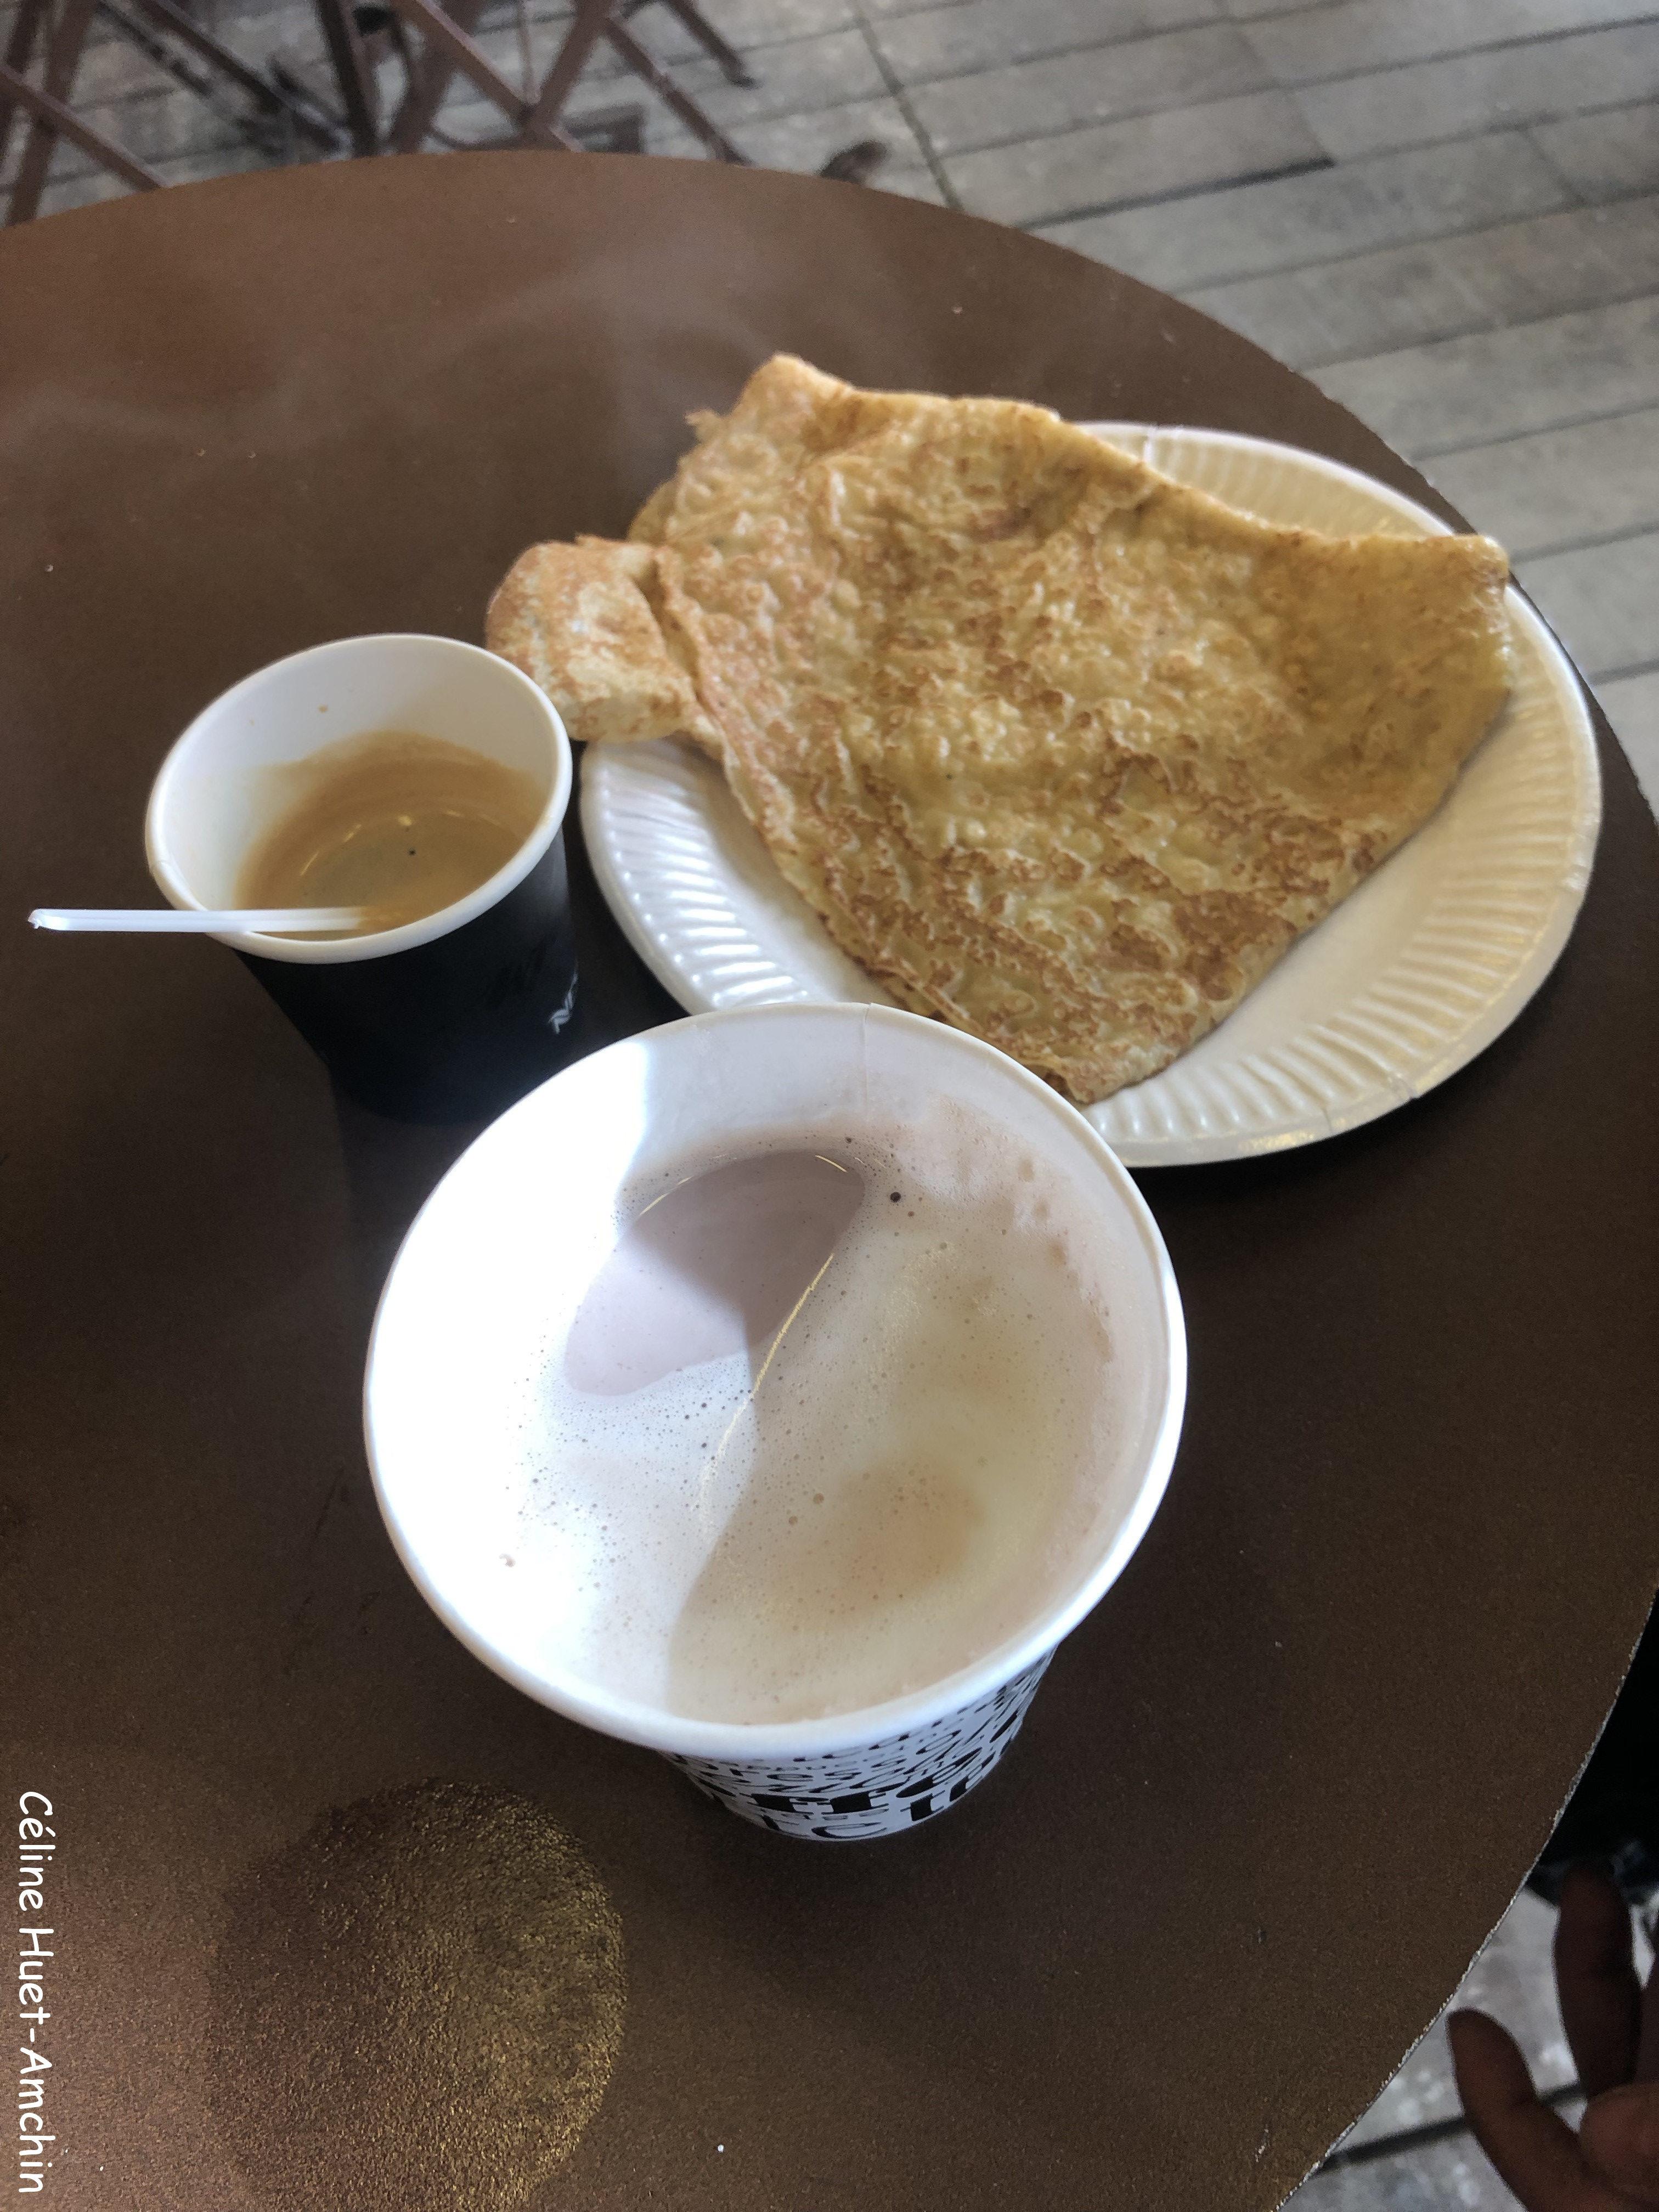 Chocolat chaud café et crêpe Le Mont Saint-Michel Normandie